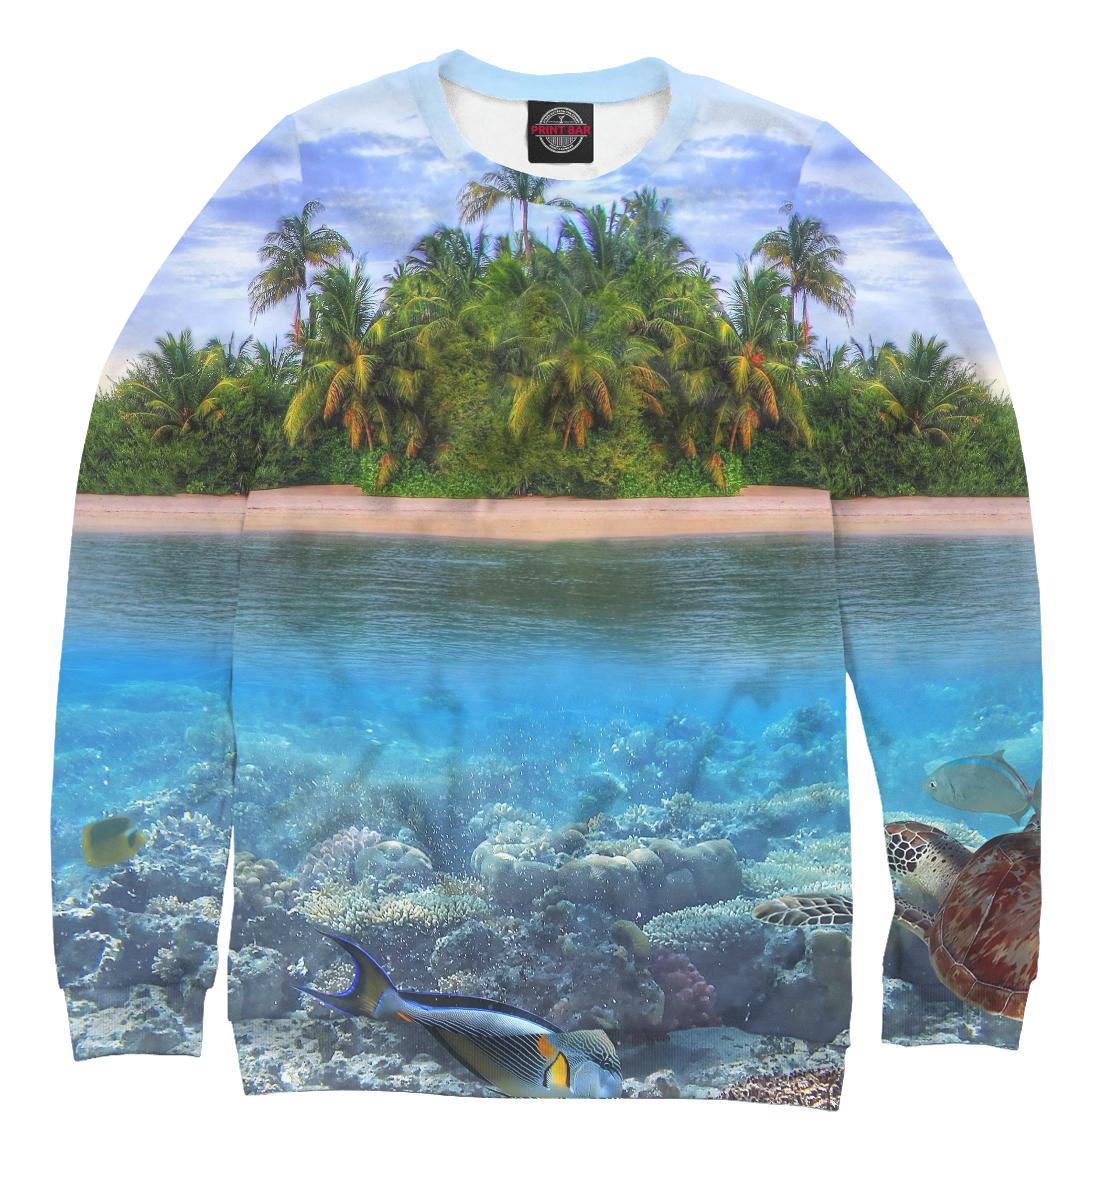 Купить Тропический остров, Printbar, Свитшоты, PEY-401053-swi-2